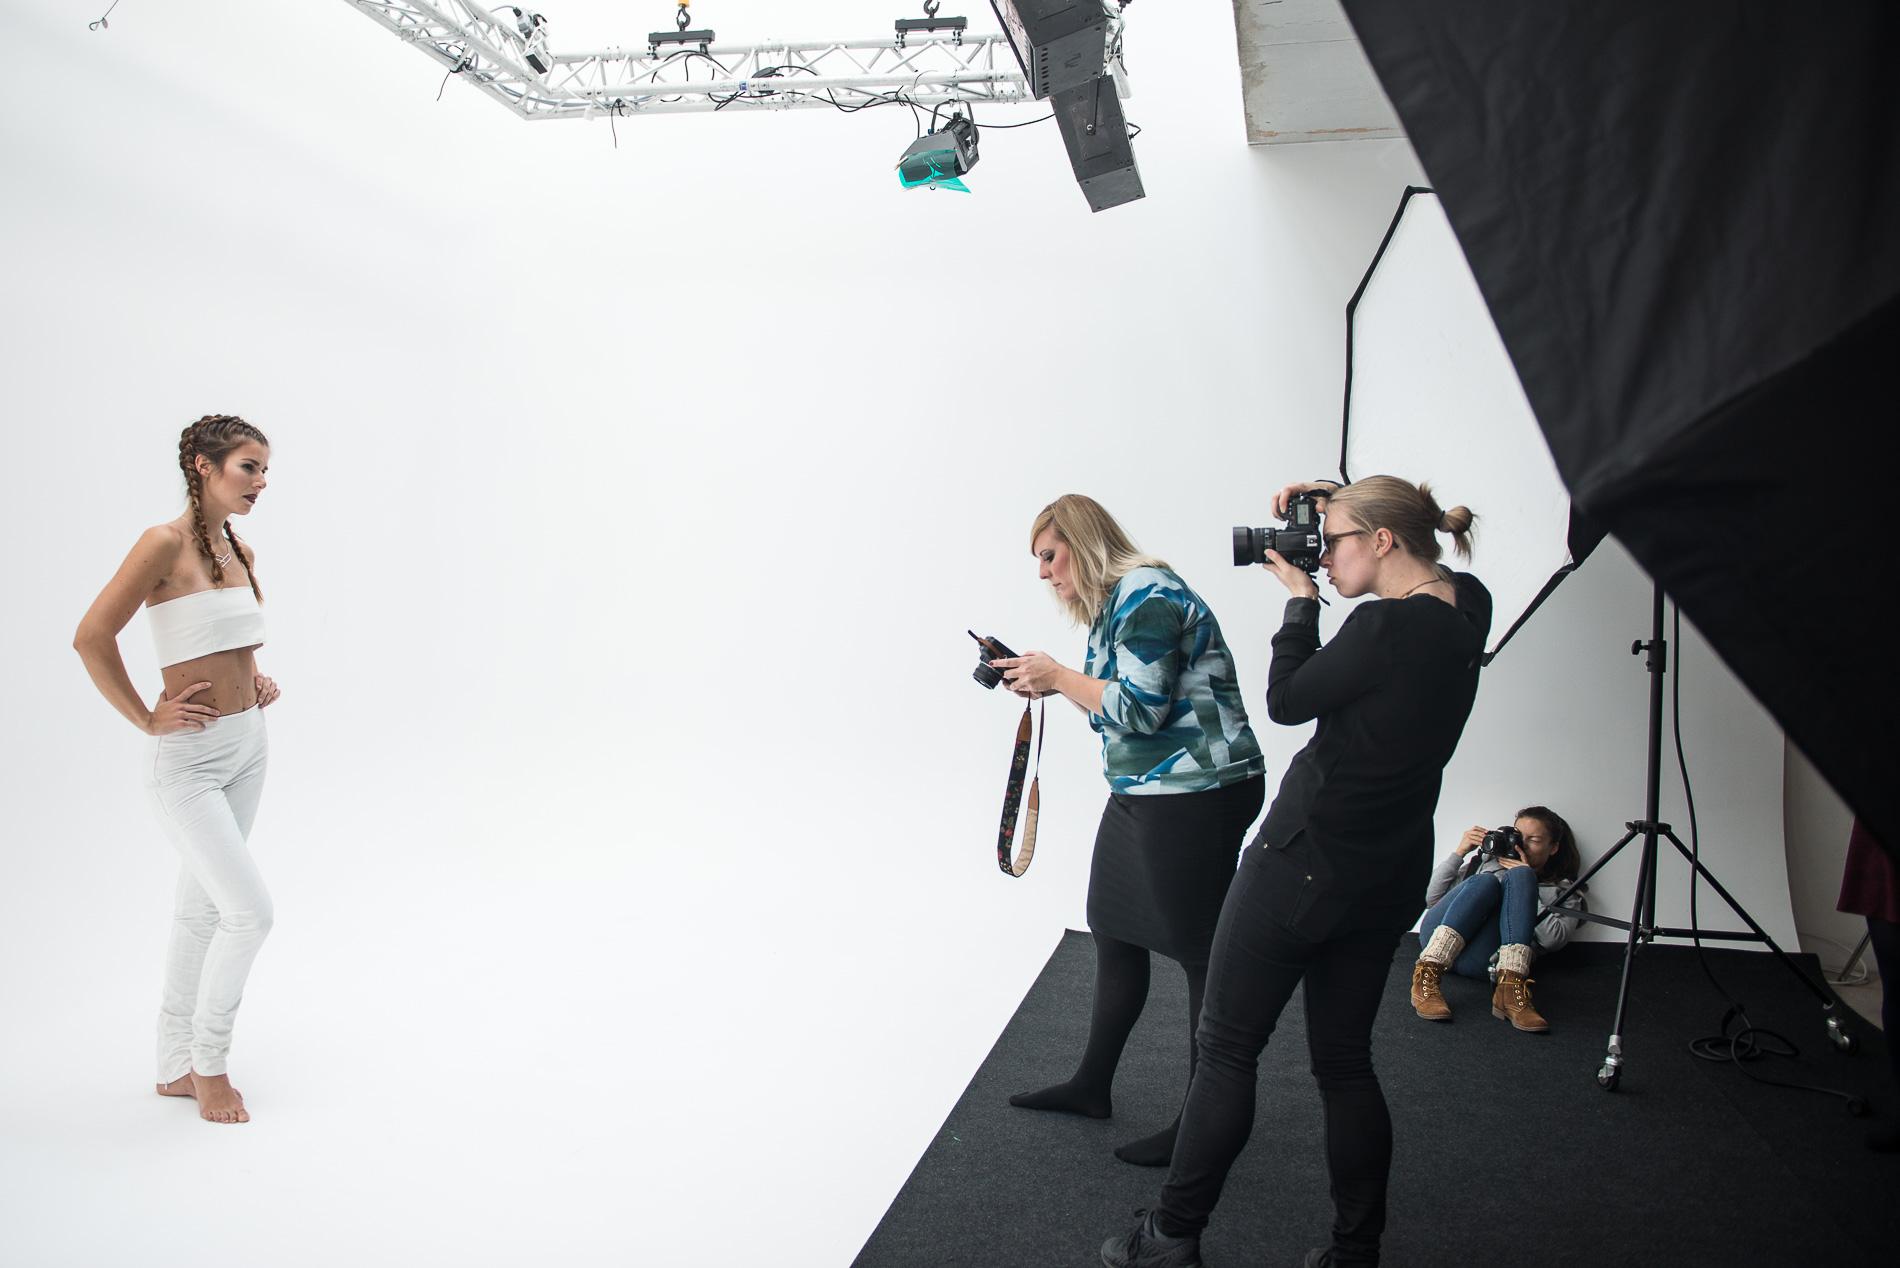 Fotografinnen Nachmittag mit Bloggerin Anne-Katrin Hutschenreuter von annabel-sagt.de, Fotografinnen Susann Jehnichen und Mona Lutz und Model Theresa Erben im Studio Leipzig